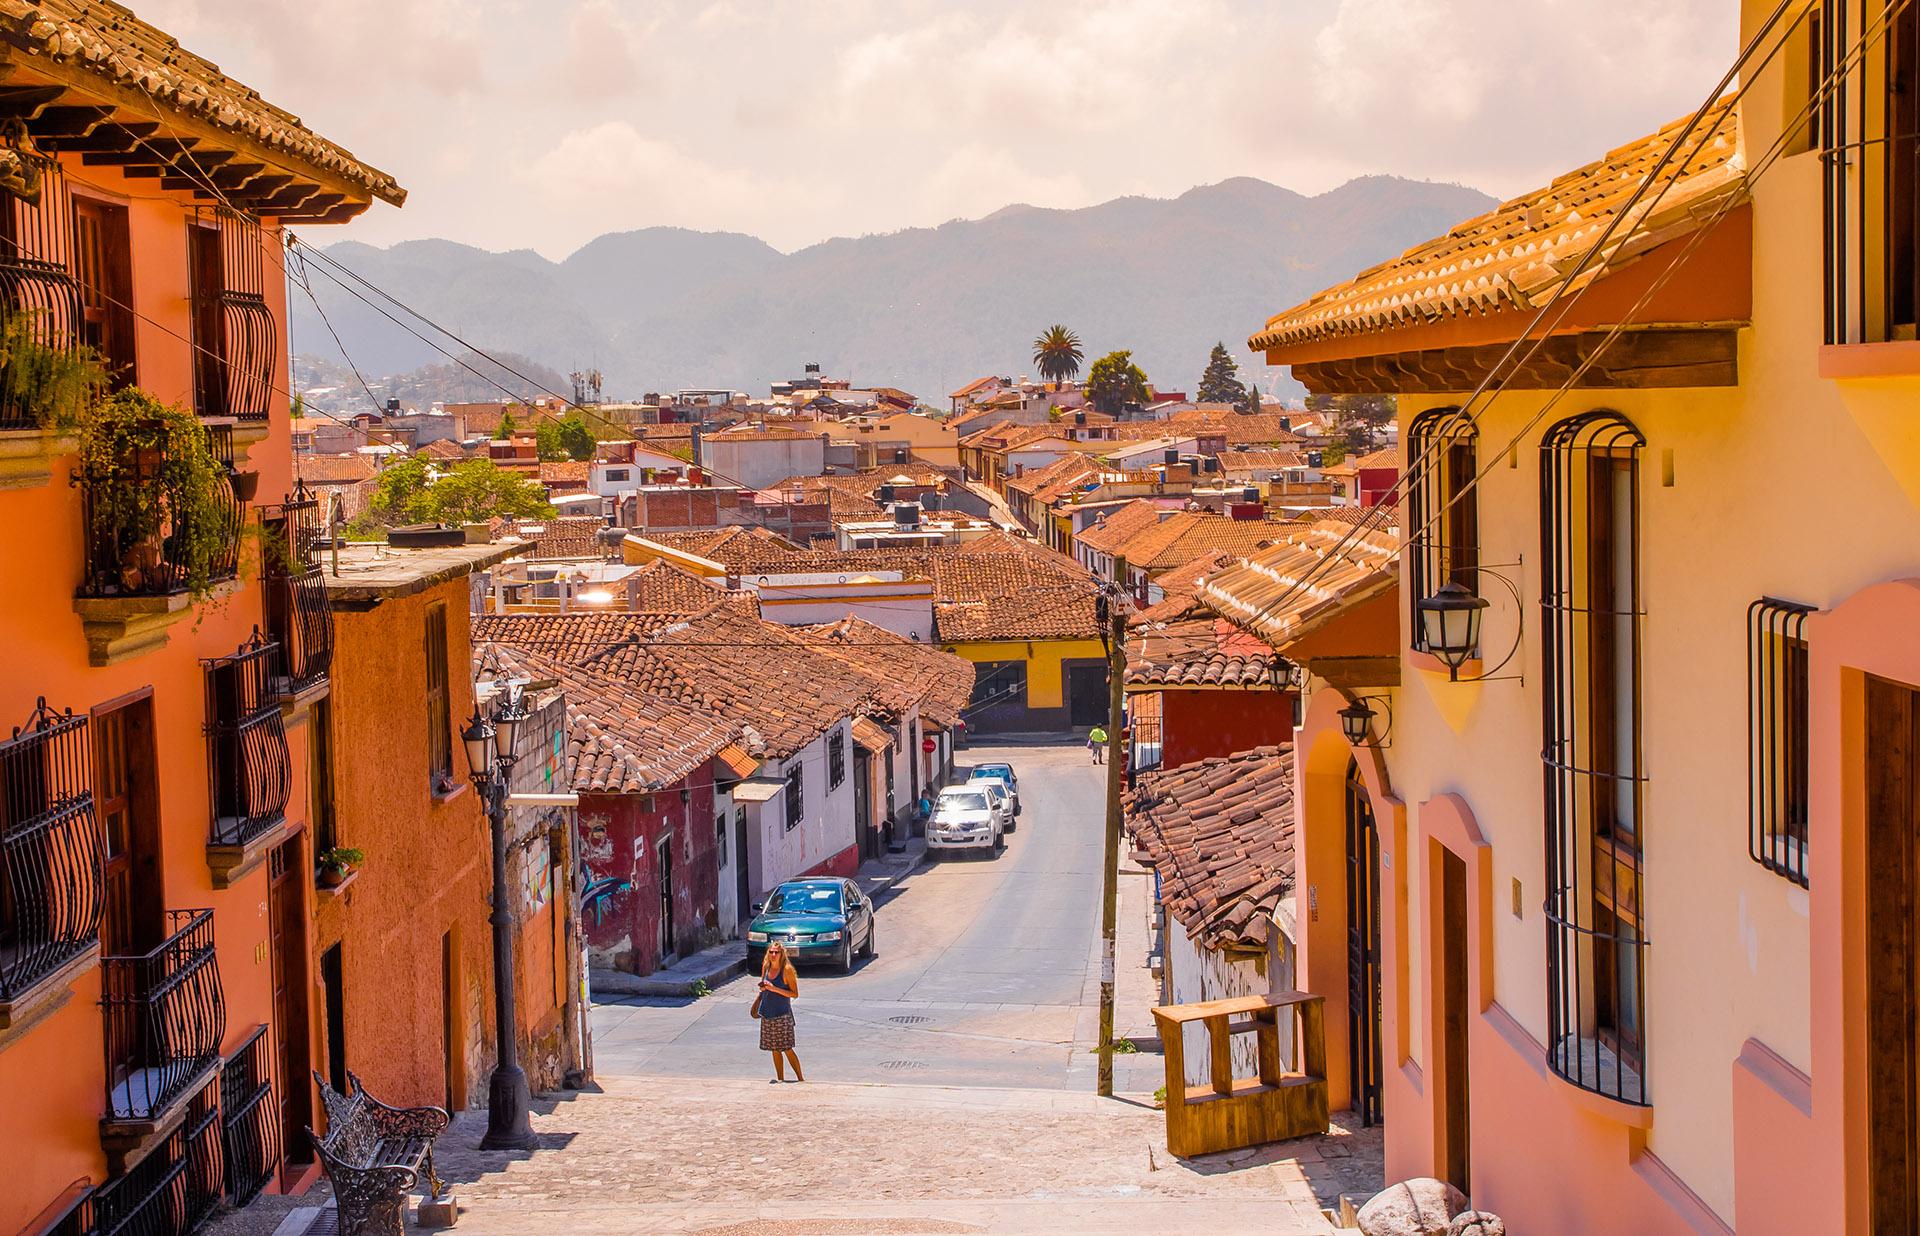 Ubicado en lo alto de un valle de montaña en el estado de Chiapas, San Cristóbal de las Casas no es el destino más fácil de llegar: requiere de un vuelo de 90 minutos desde Ciudad de México seguido de un viaje de una hora